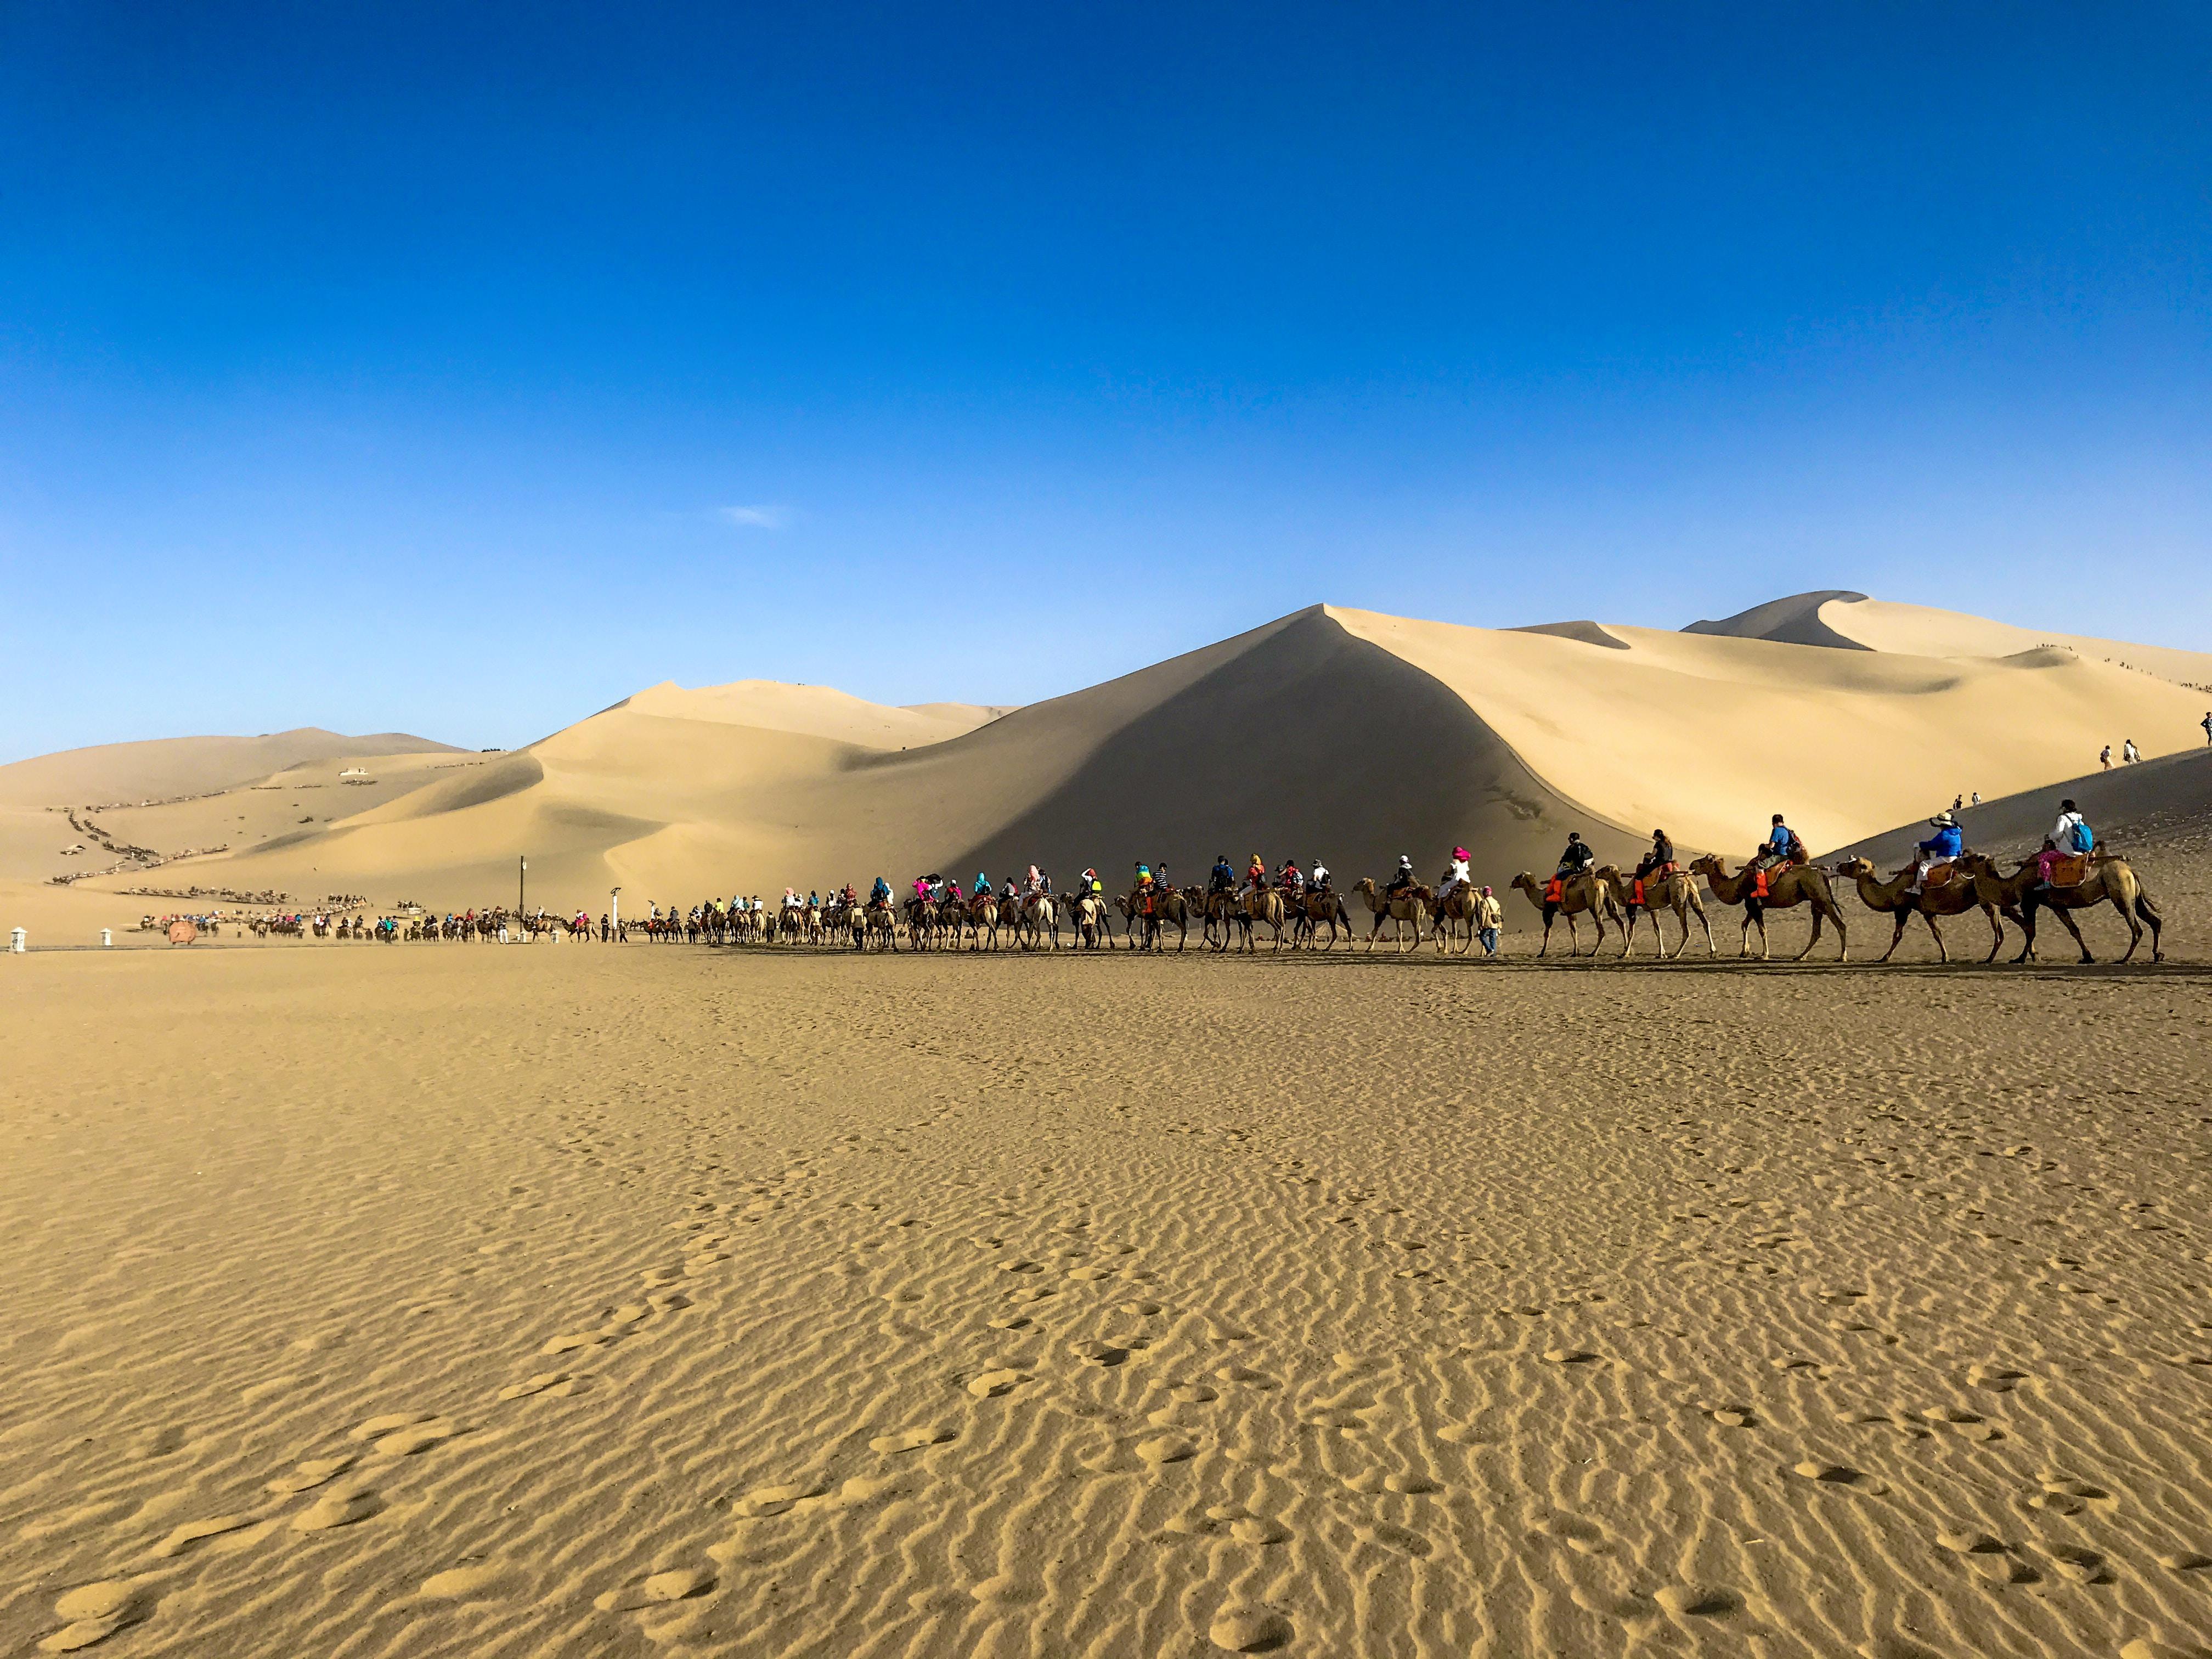 people riding camel at desert during daytime